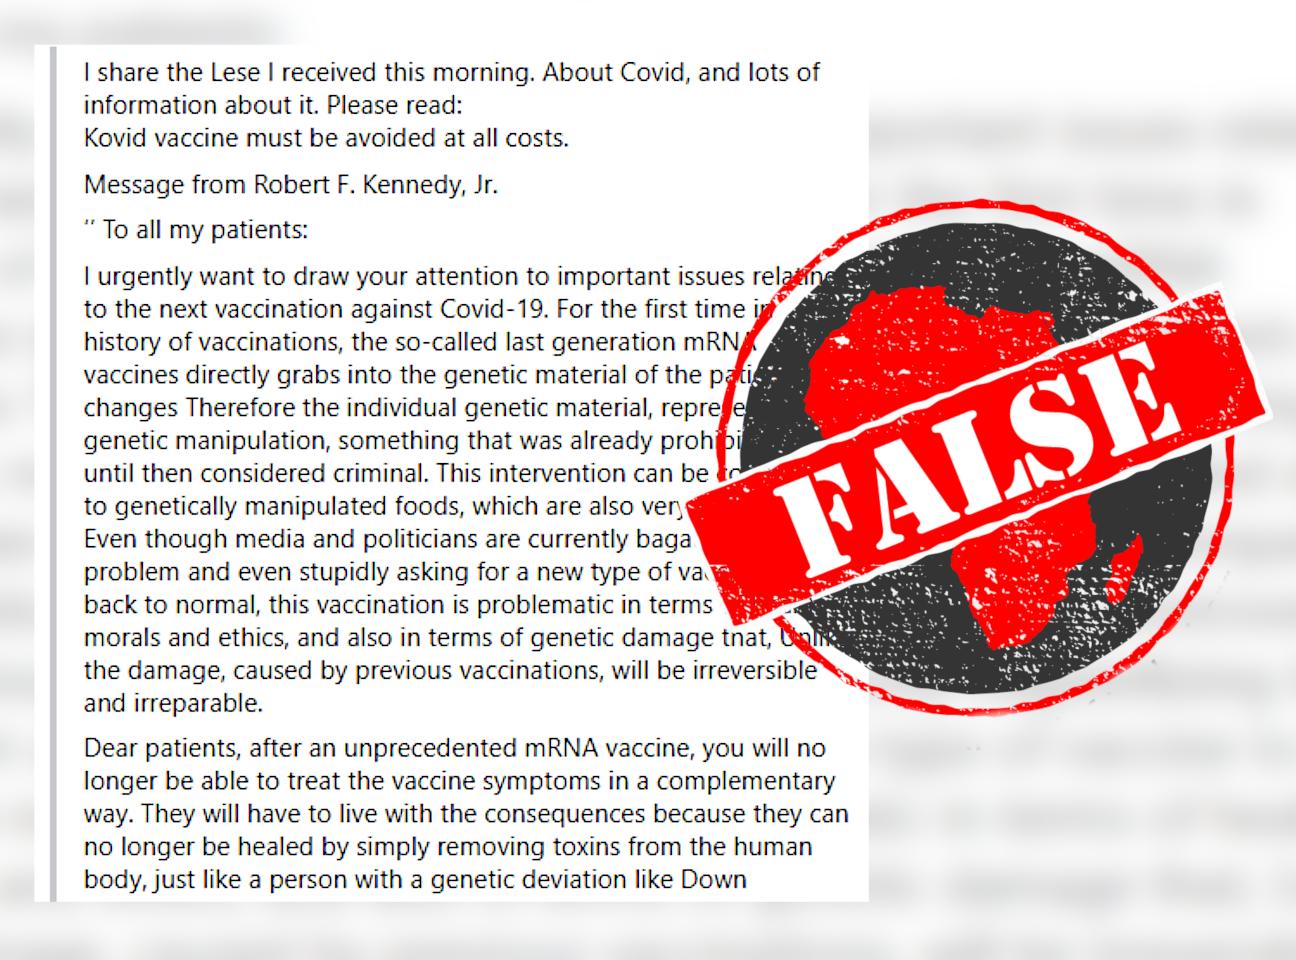 kennedy false